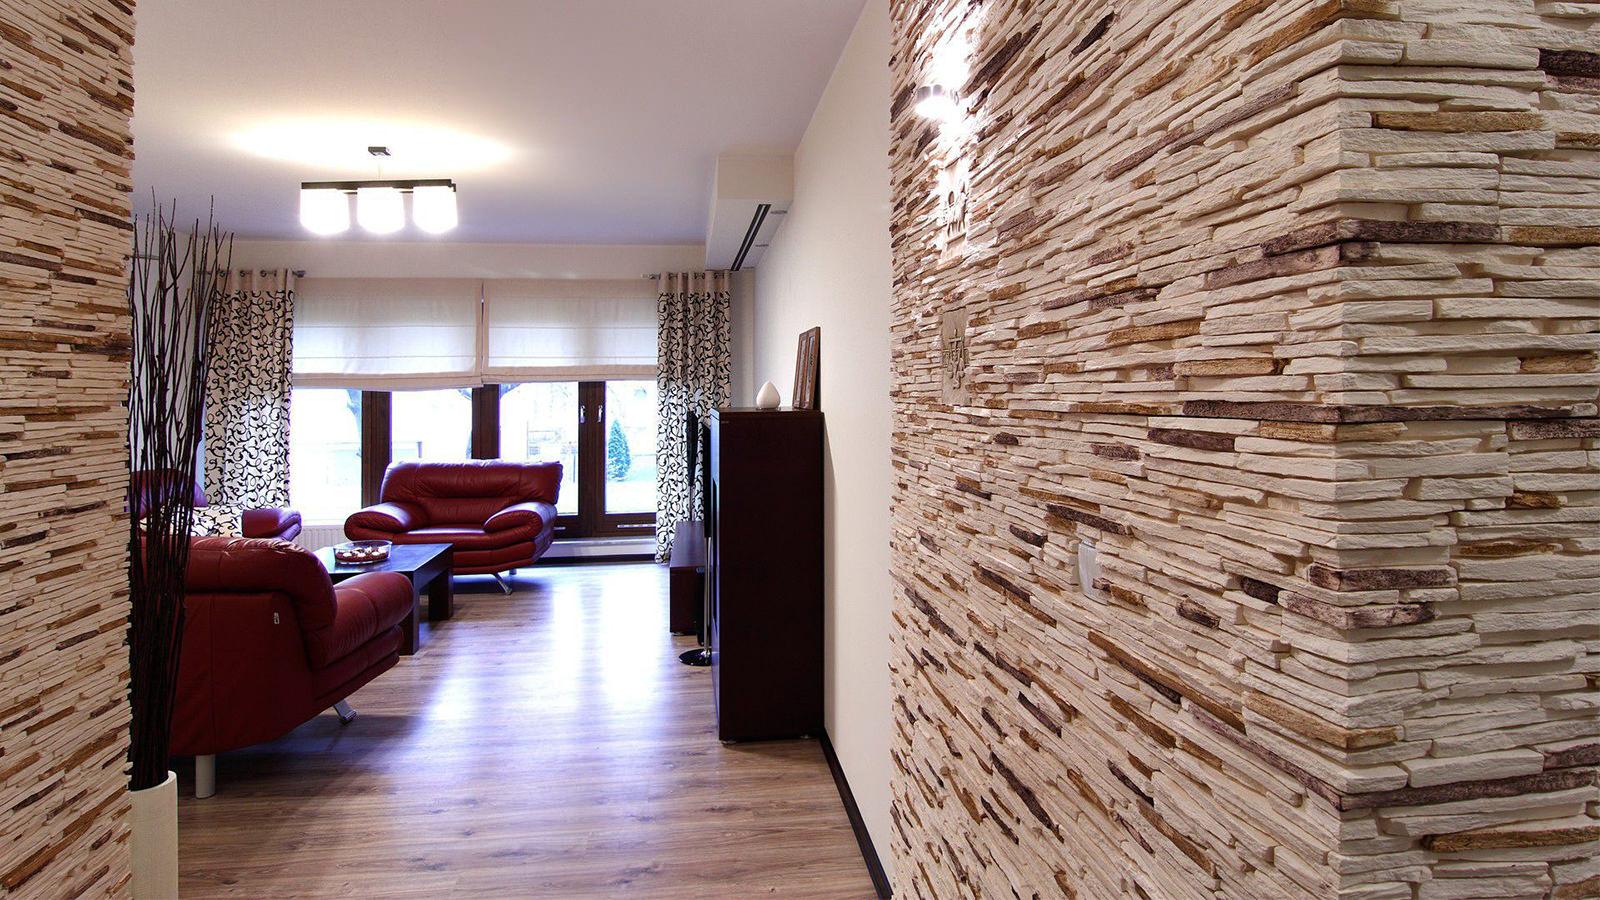 oformlenie-interera-dekorativnym-kamnem2